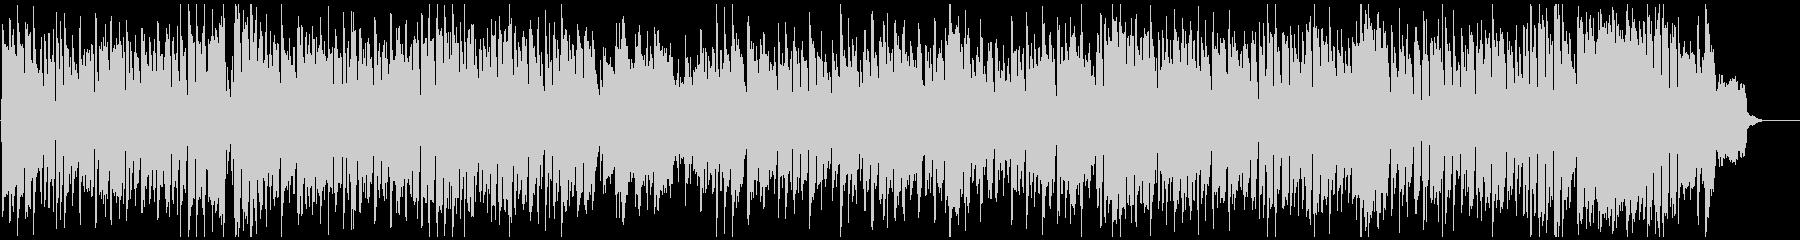 ひょうきんで元気なギャグ系リコーダー曲の未再生の波形